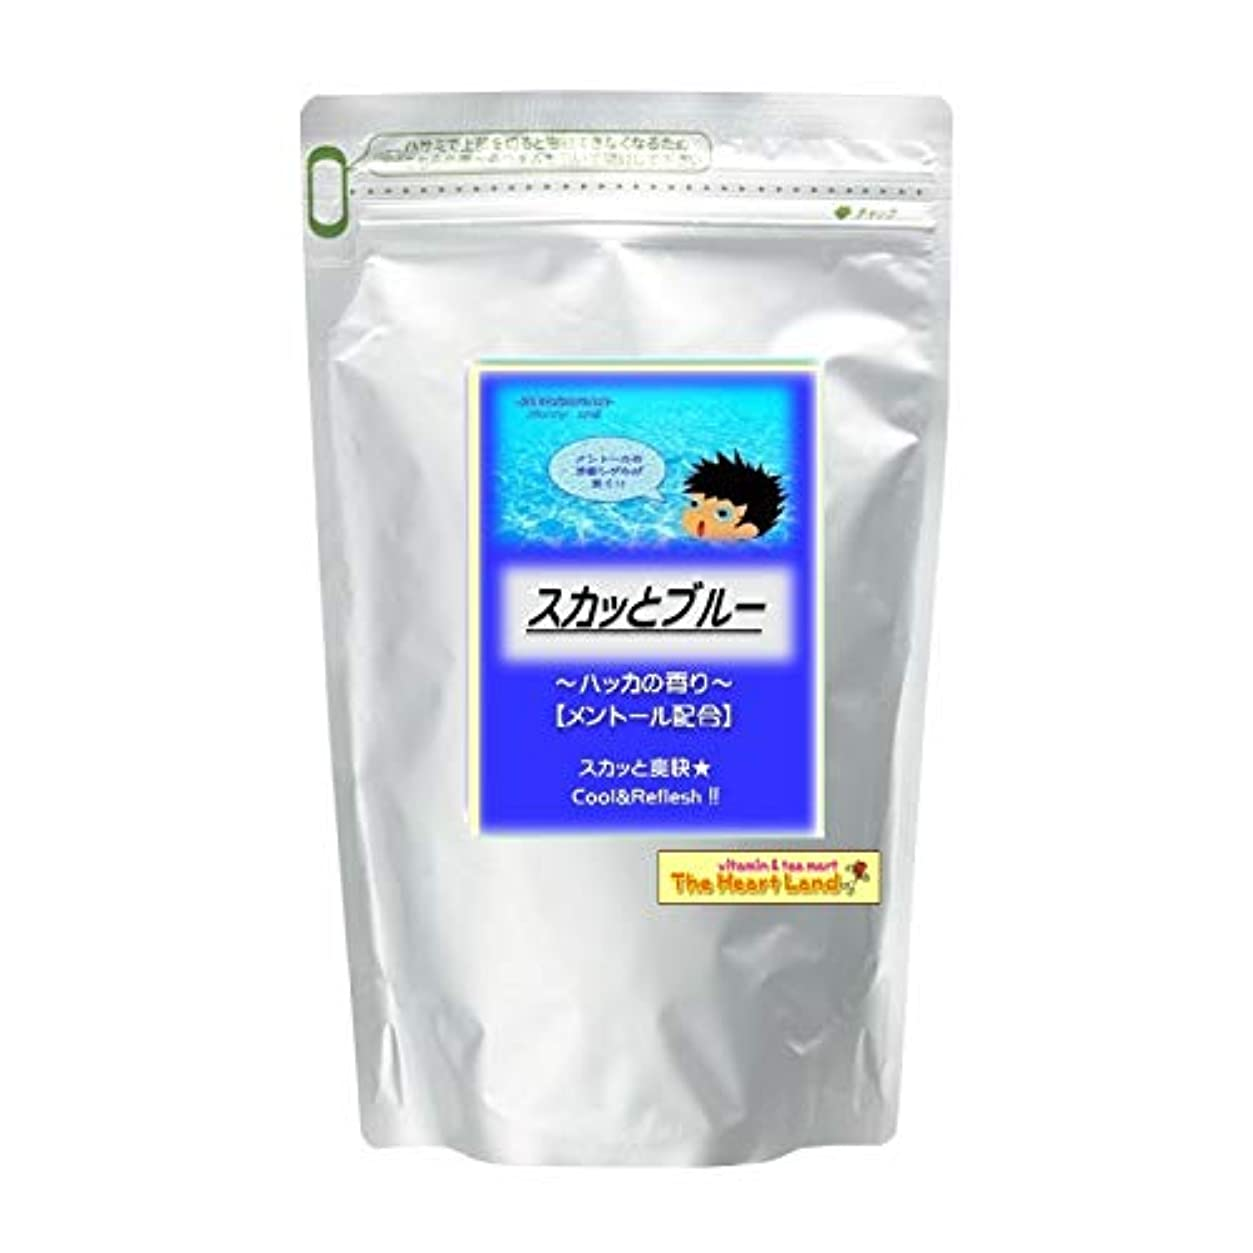 溶接良心農夫アサヒ入浴剤 浴用入浴化粧品 スカッとブルー 300g